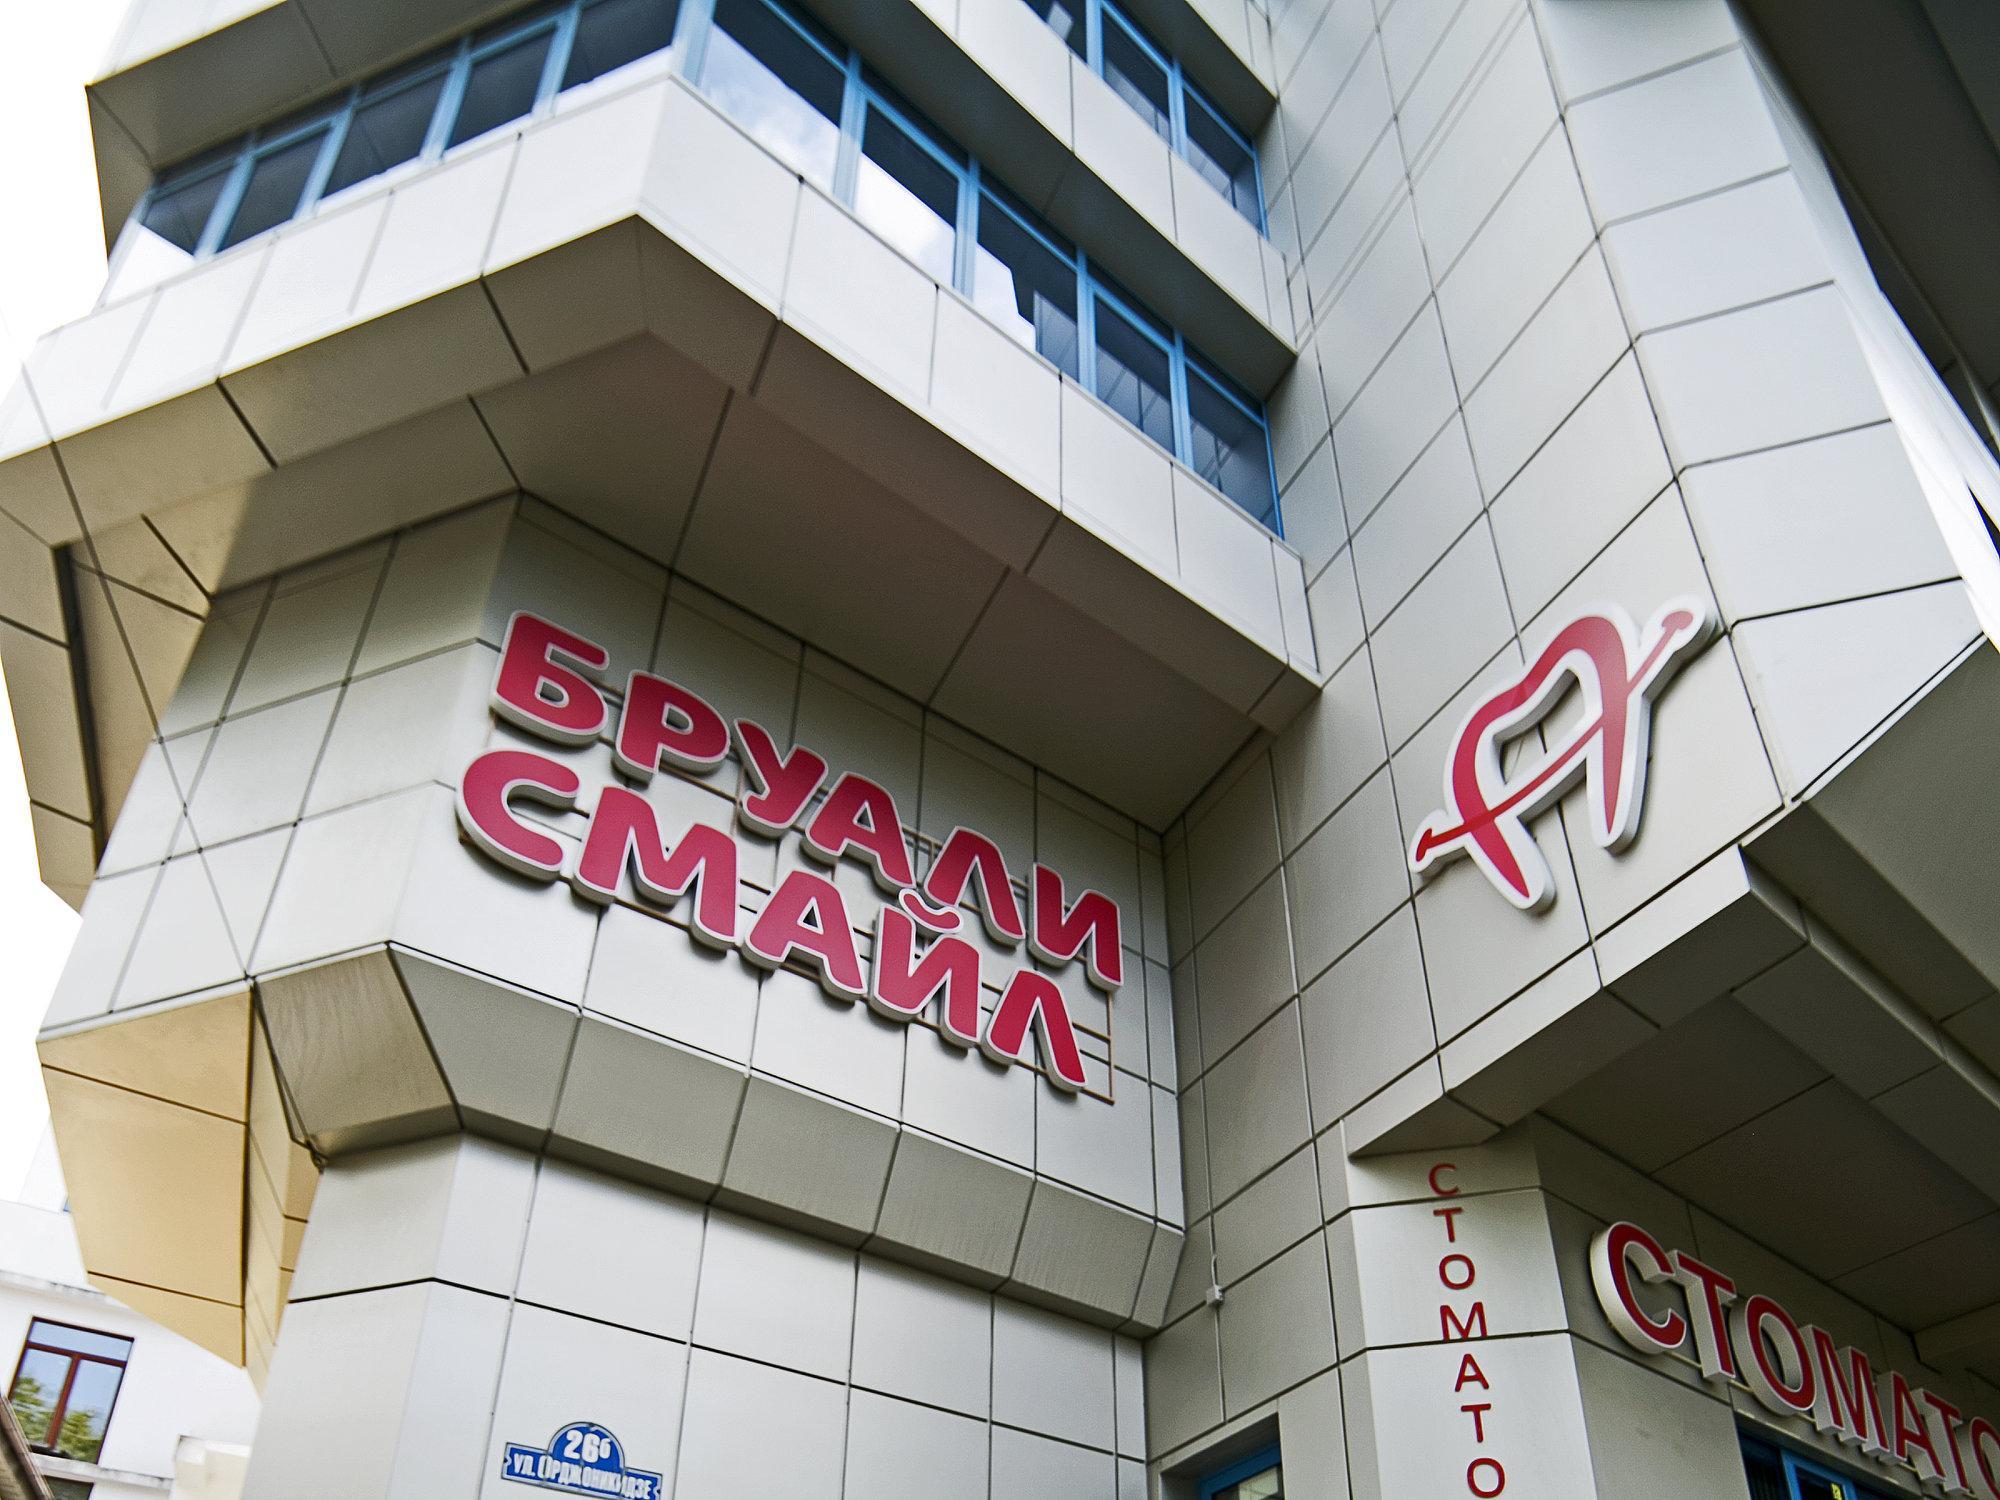 фотография Стоматологического центра Бруали Смайл на улице Орджоникидзе